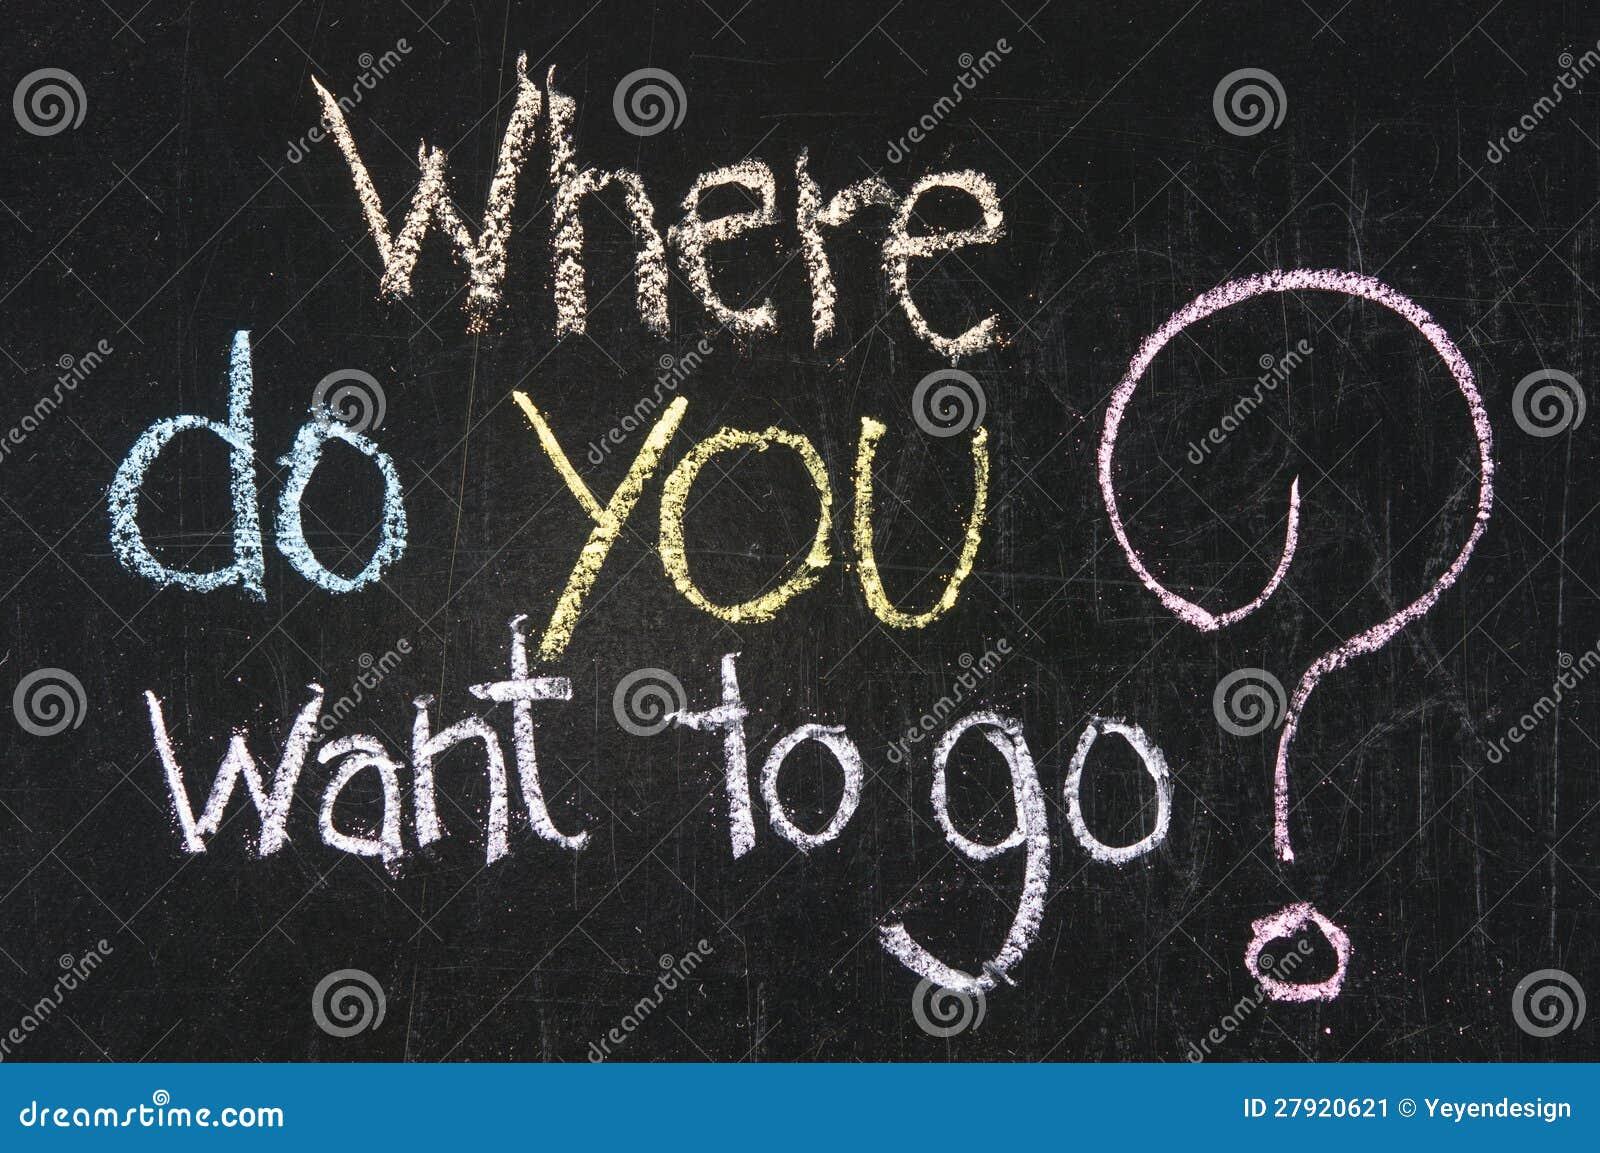 Onde você quer ir?